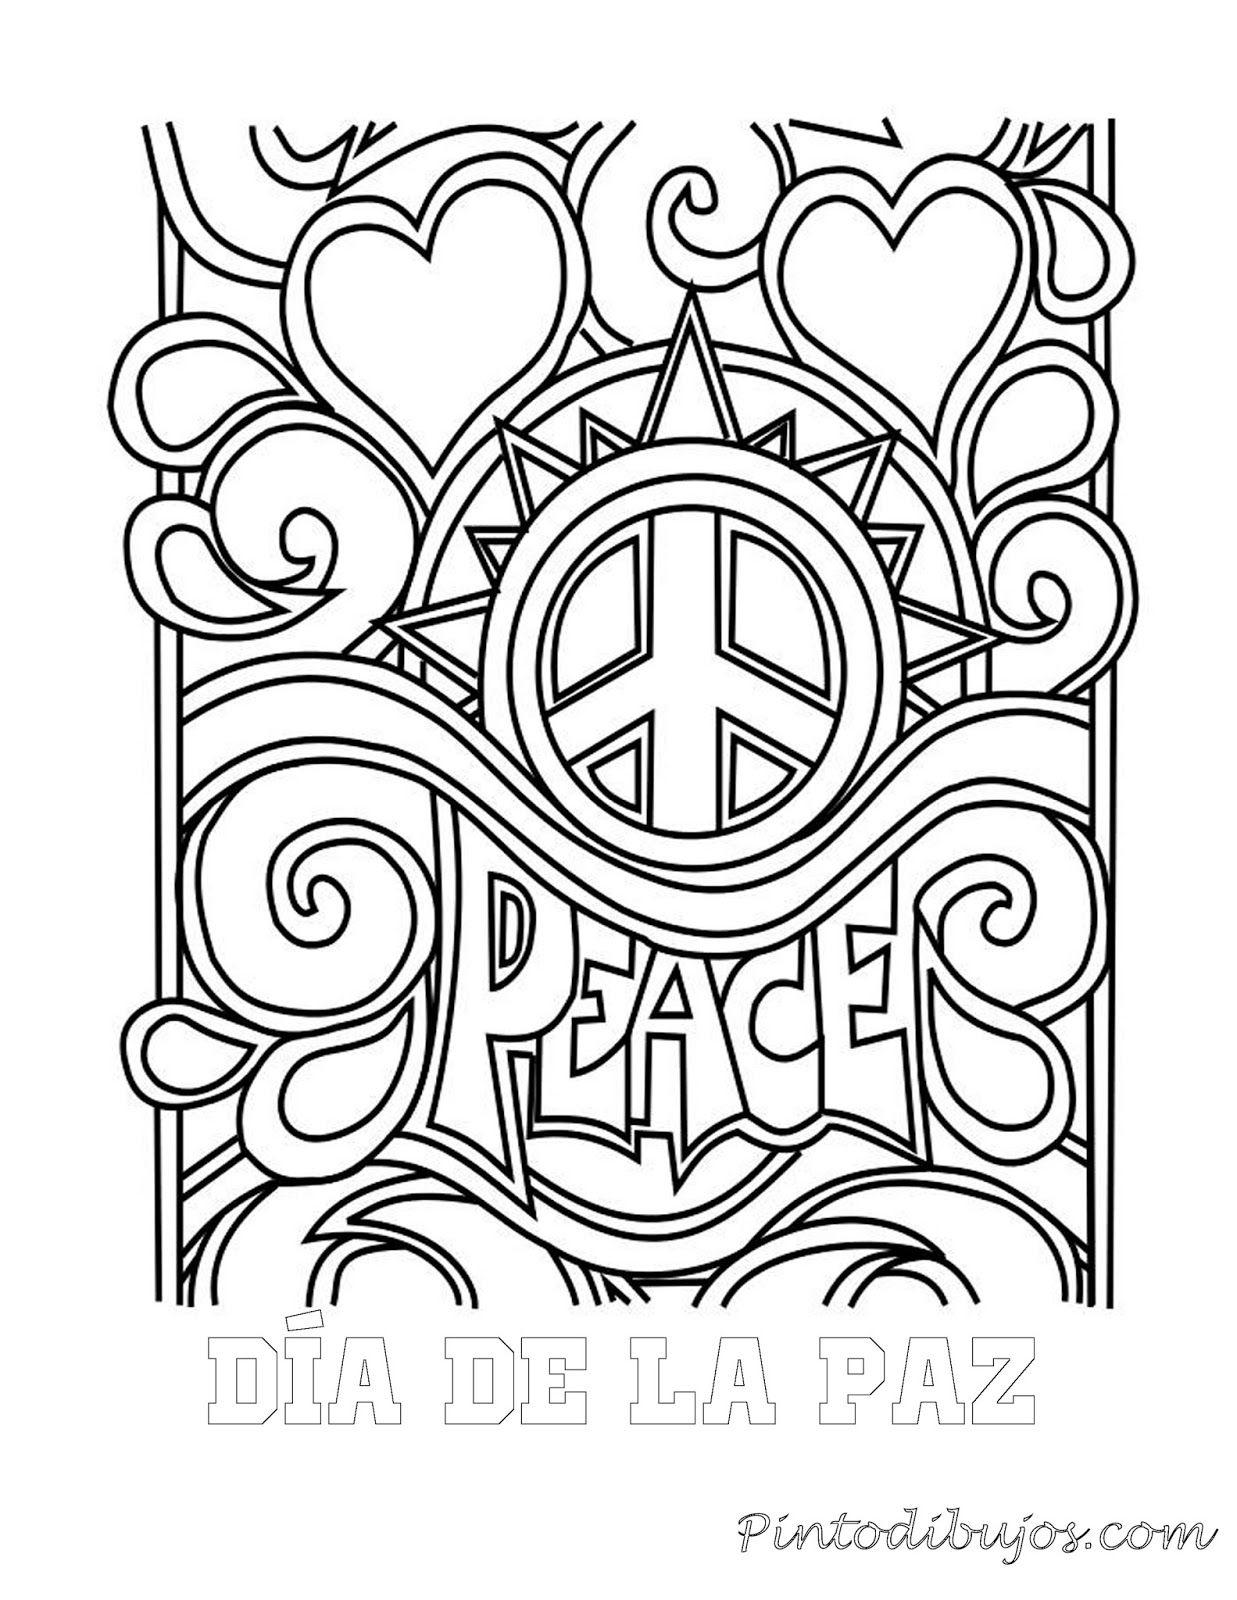 Dia de la paz para colorear | Dia de la paz para colorear | ingles ...